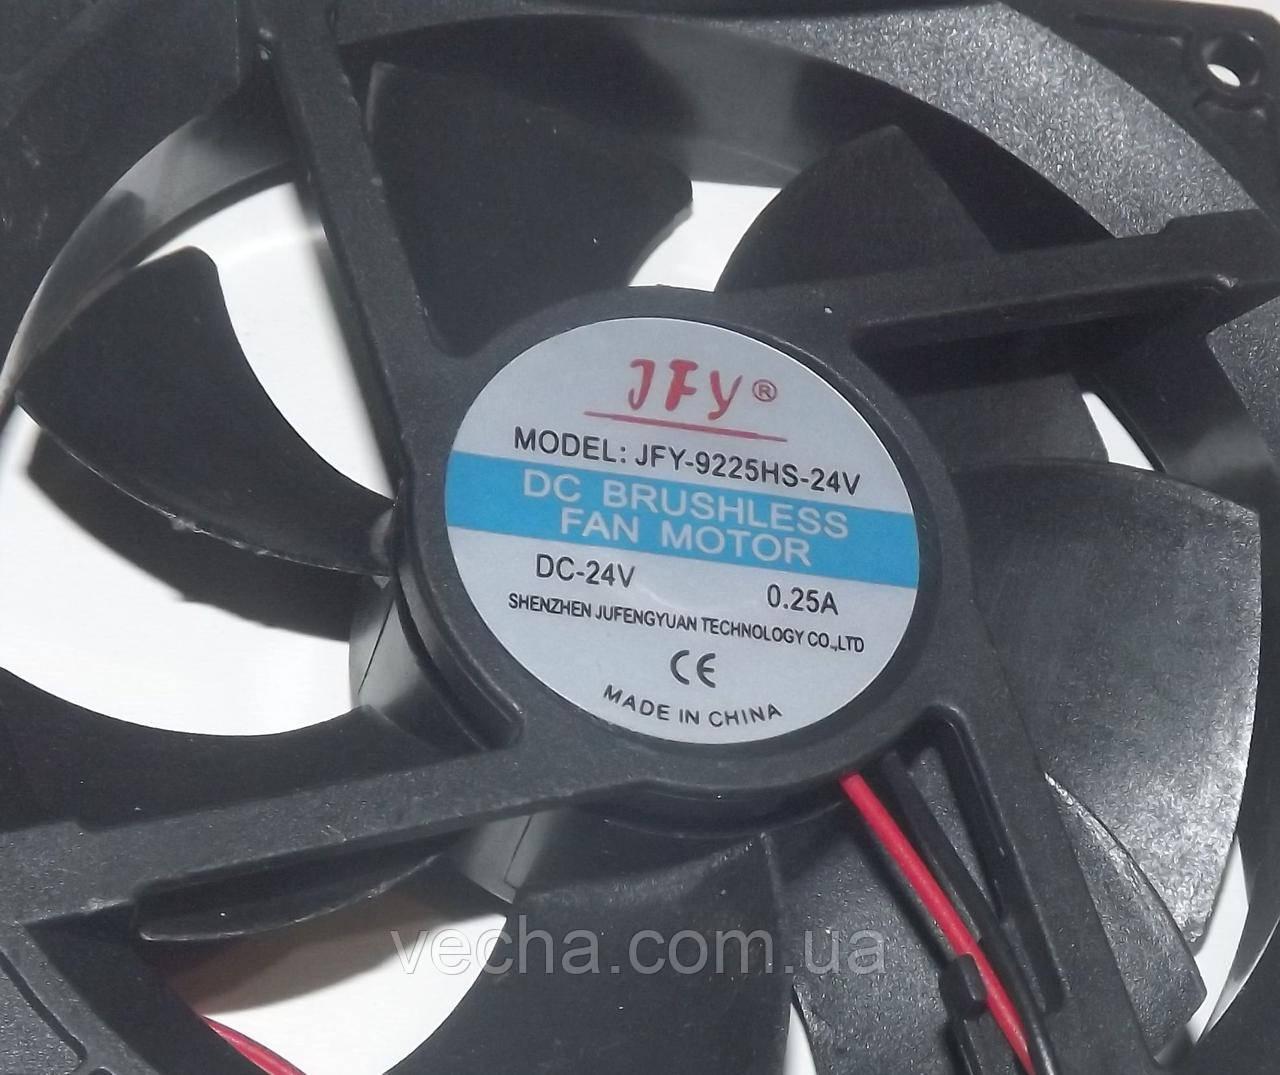 Вентилятор сварки, 24 v